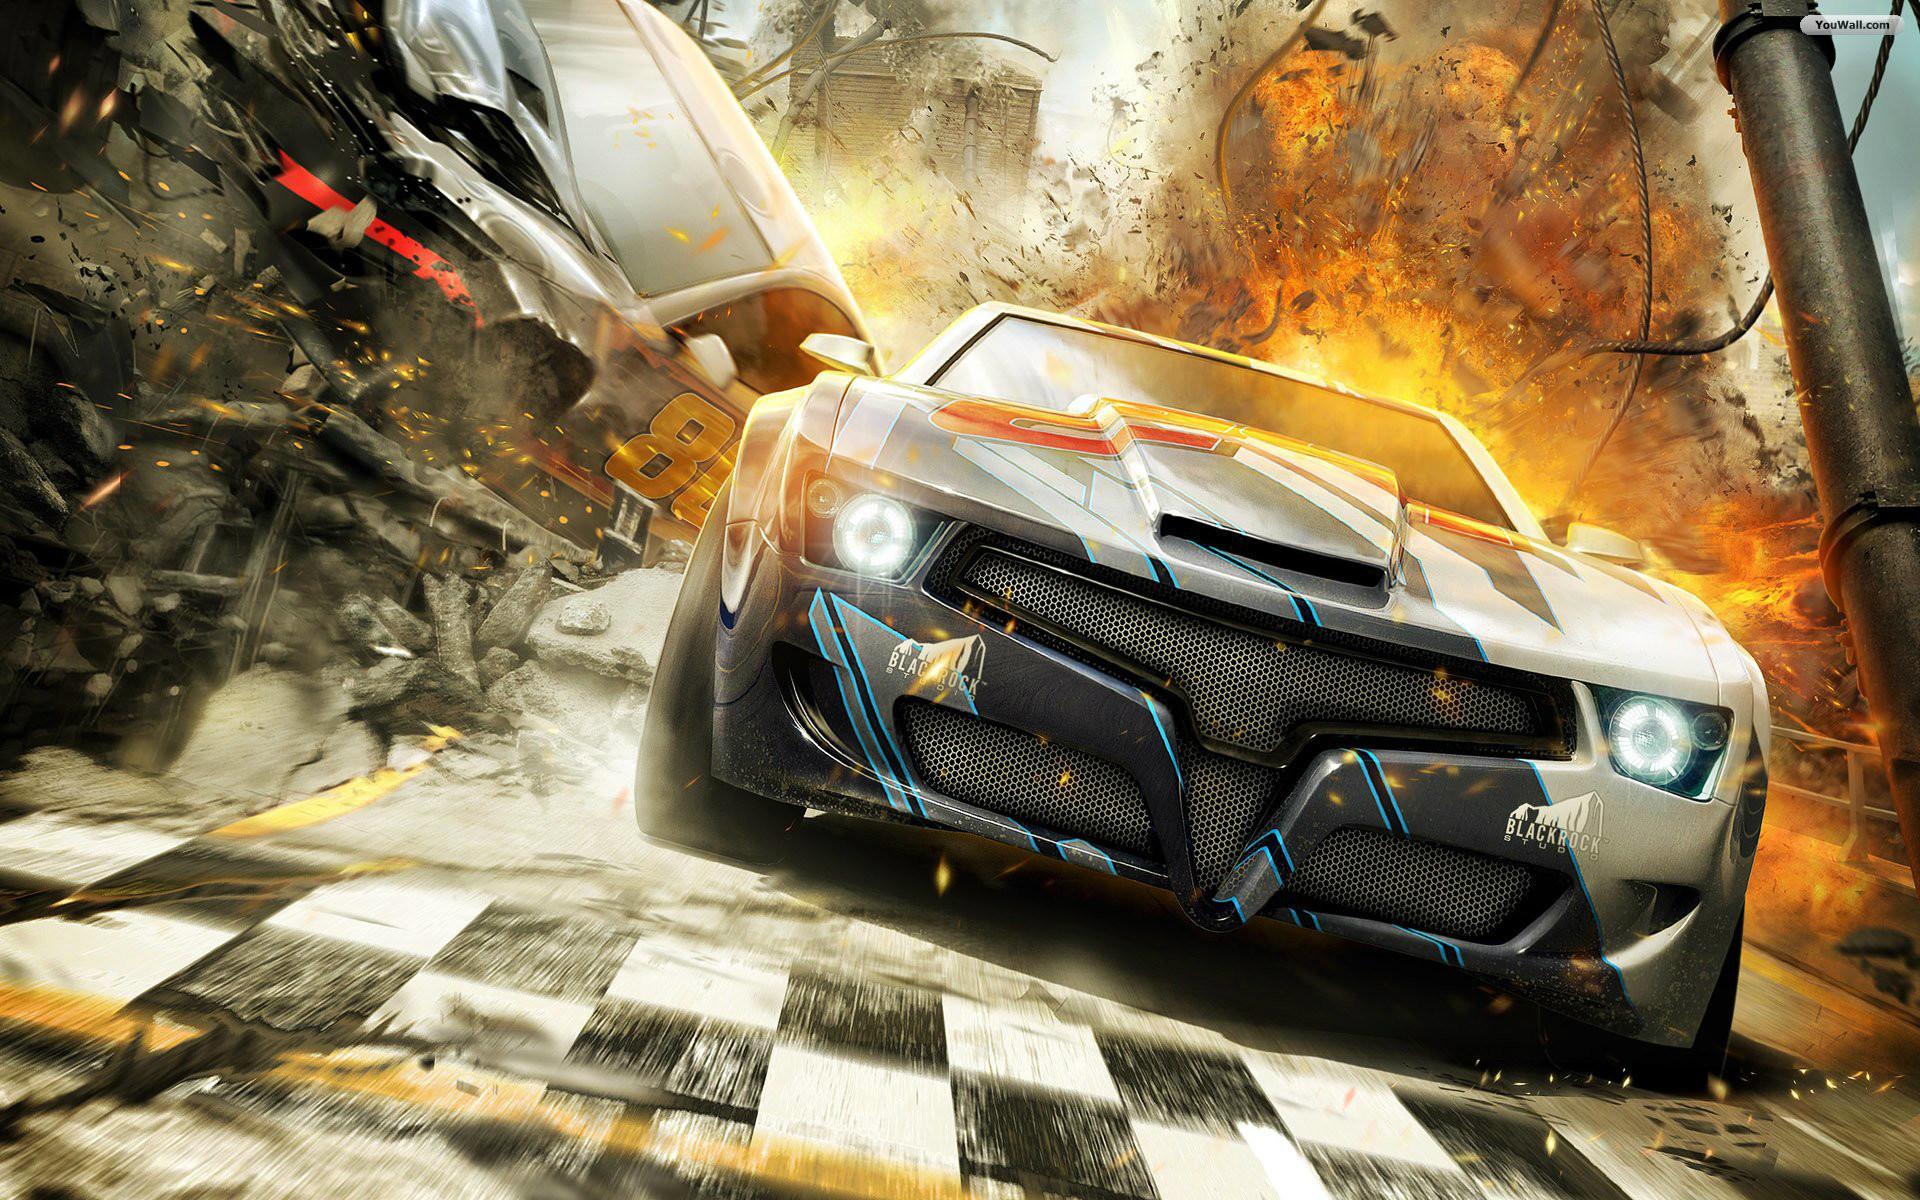 Free Download Car Racing Game Wallpaper